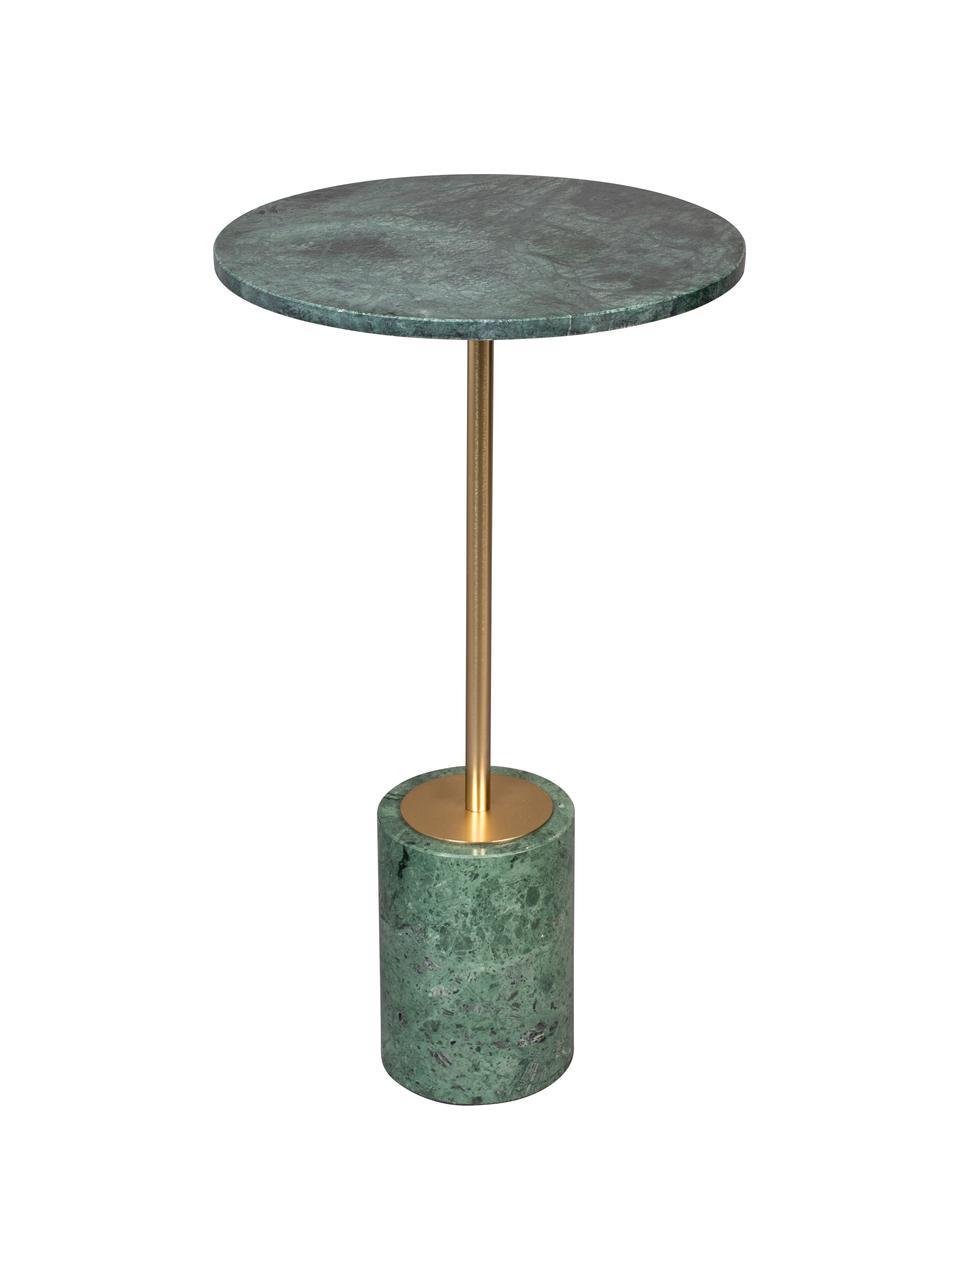 Runder Marmor-Beistelltisch Gunnar, Grün, marmoriert, Ø 38 x H 65 cm